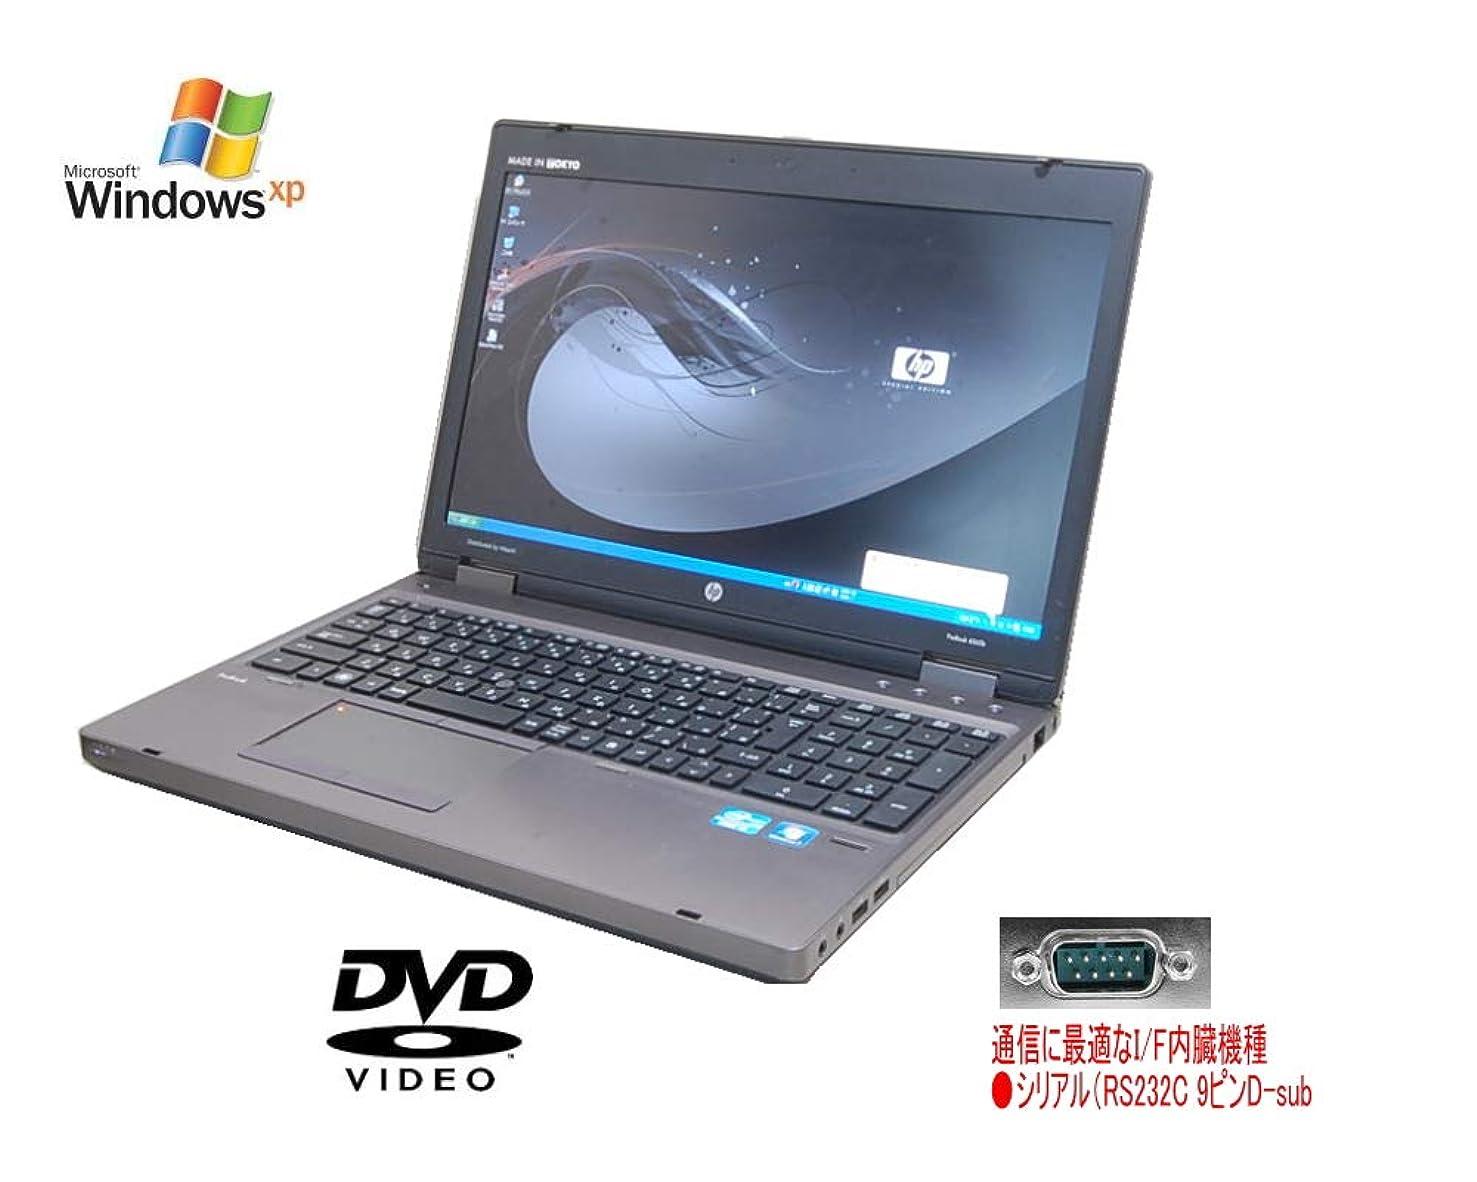 正当化するスカープ外科医中古パソコン 今更ながら XPインストール HP BY HITACHI(東京工場組立) 中古ノートパソコン 貴重なテンキーモデル XPなら爆速レベル Core I3 通信ソフトに最適 RS232C(シリアルポート)すぐに使えます DVD 無線【中古】 (4Gメモリー)